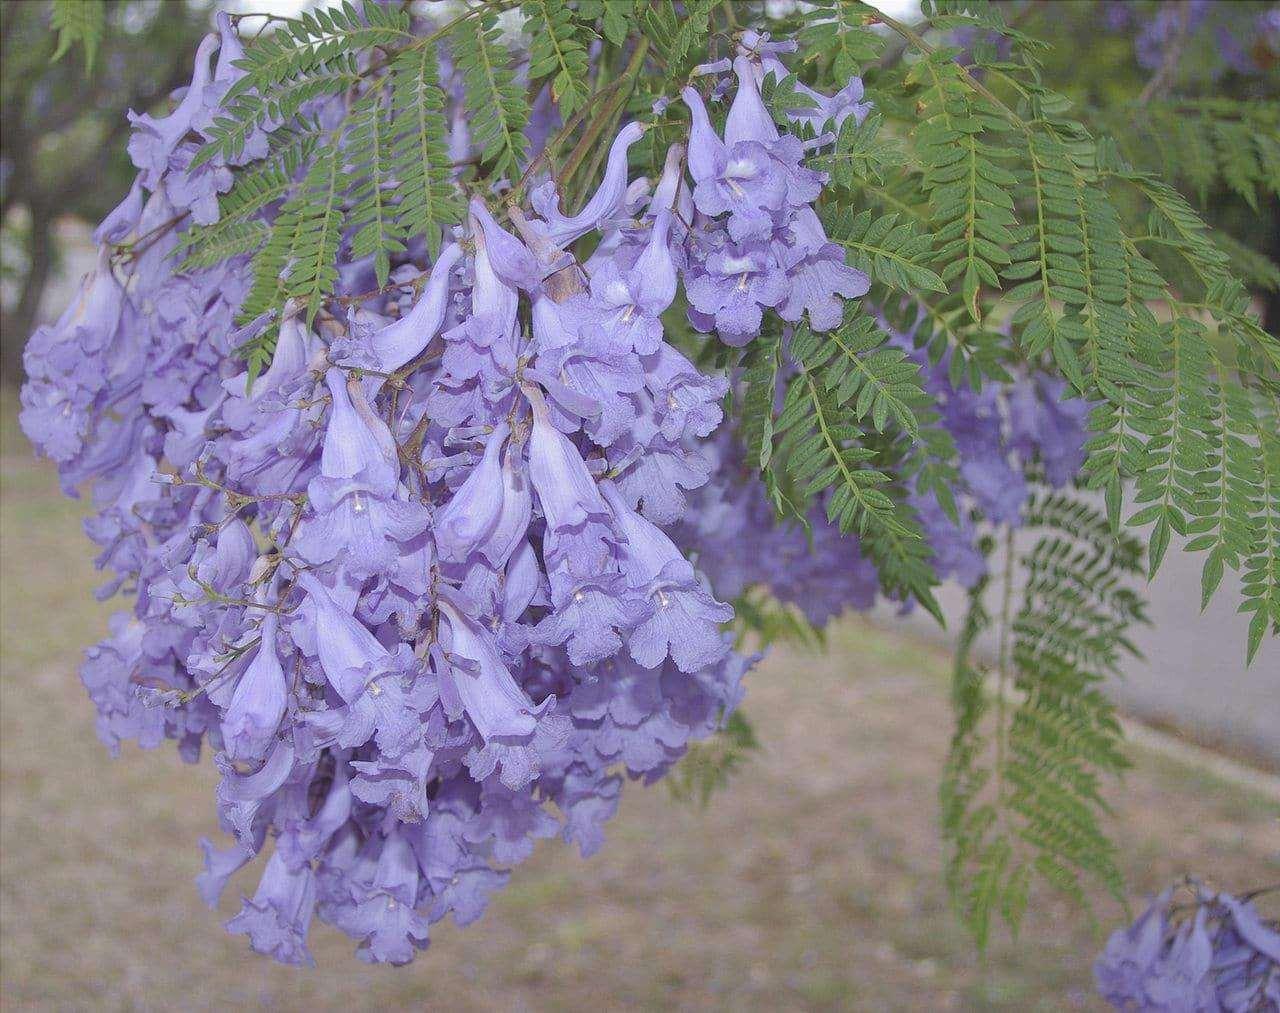 I fiori della jacaranda sono viola.